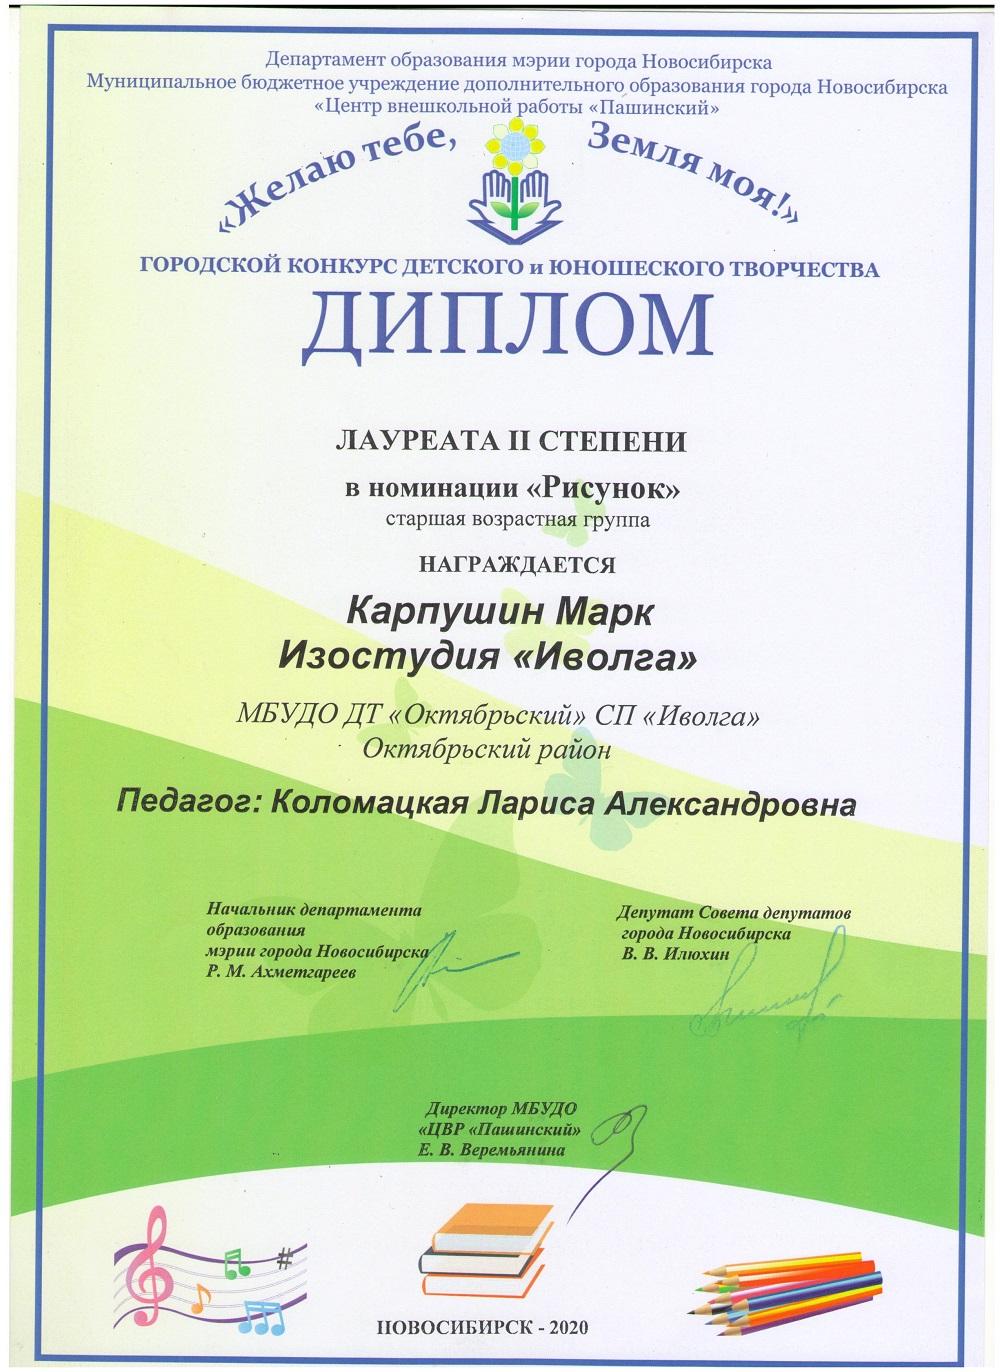 Каппушин_ЛауреатII_Земля-001